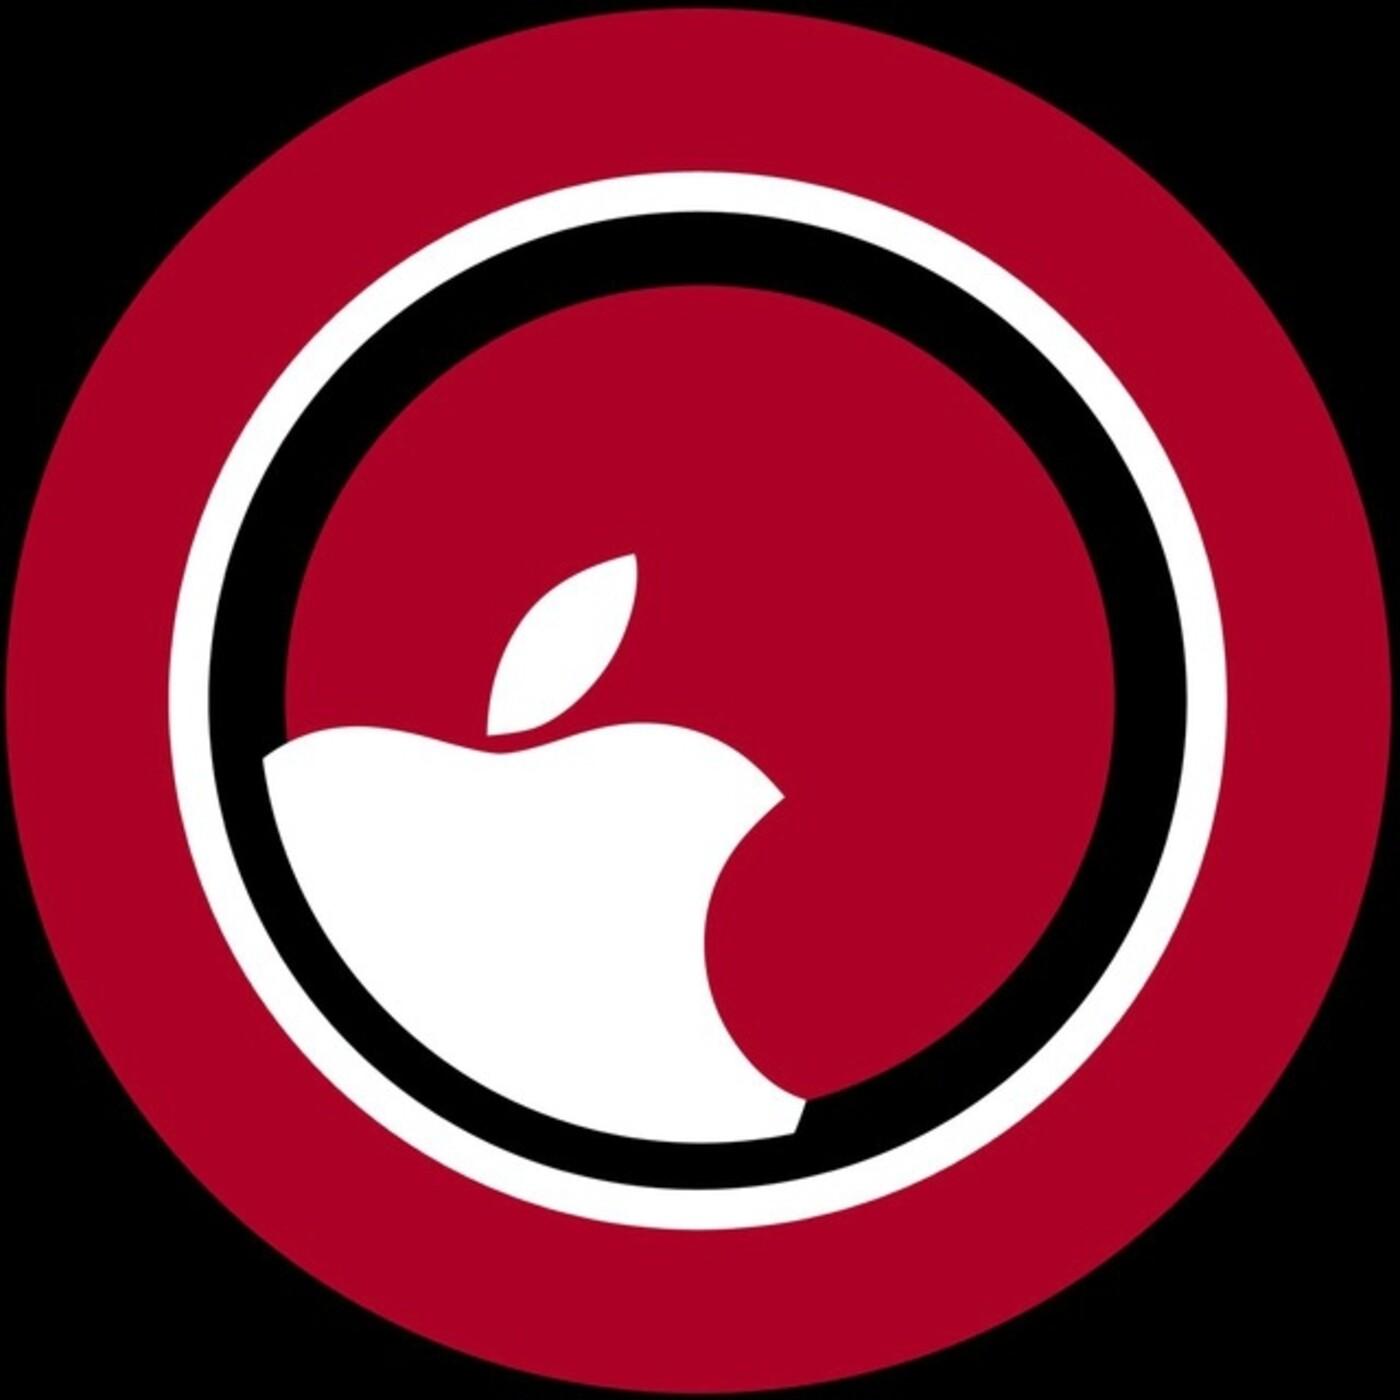 T21 - Episodio 2 : @techsantos llego a Distrito Apple